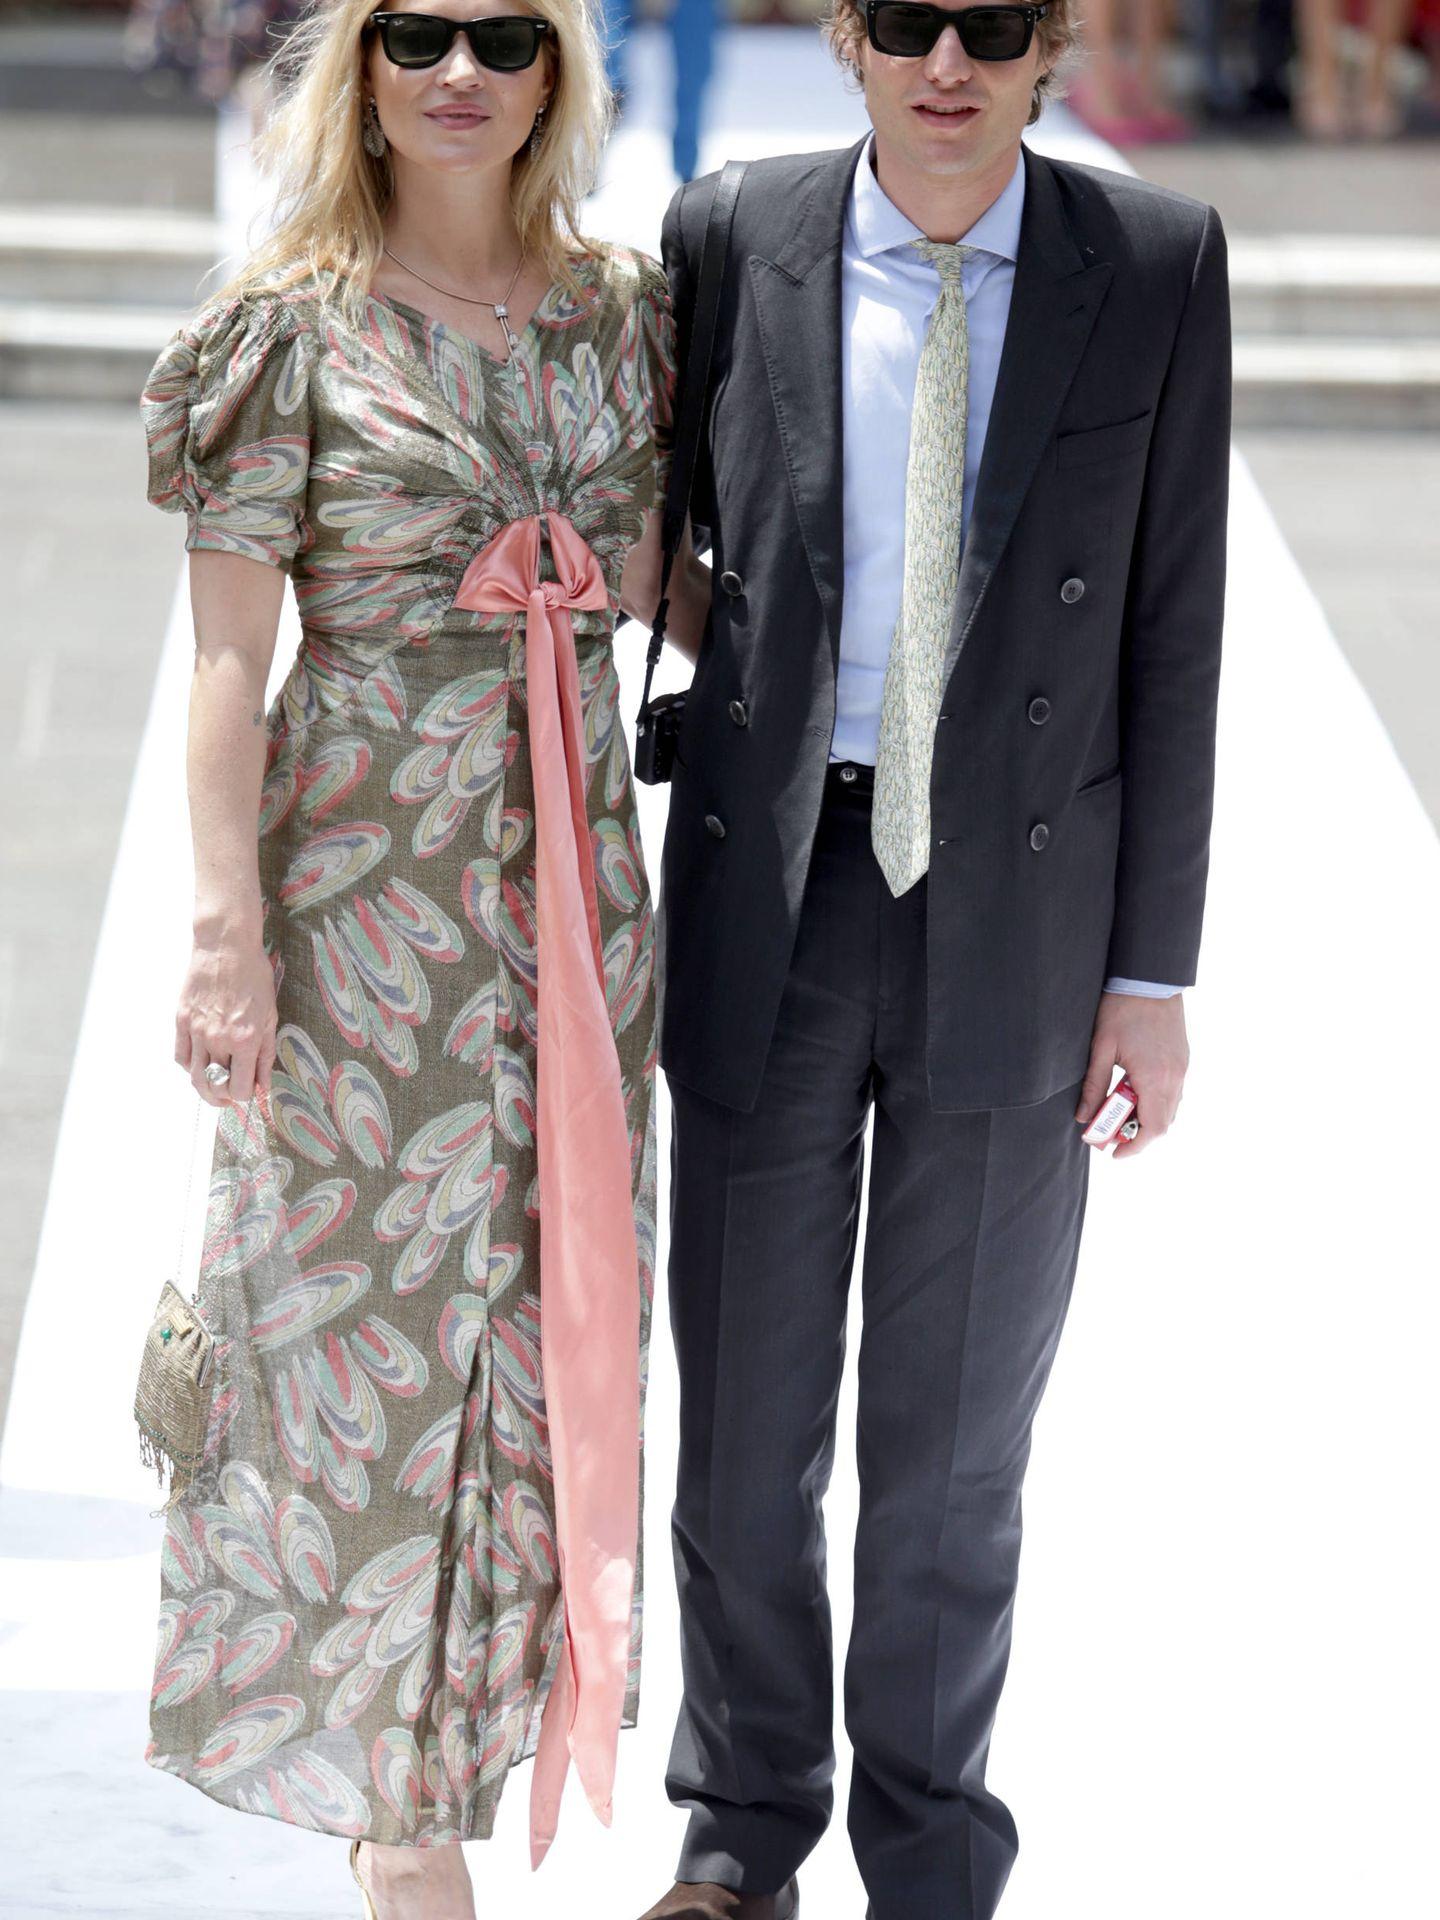 Kate Moss y Nikolai von Bismarck, en la boda de Christian de Hannover y Alessandra de Osma. (Getty)